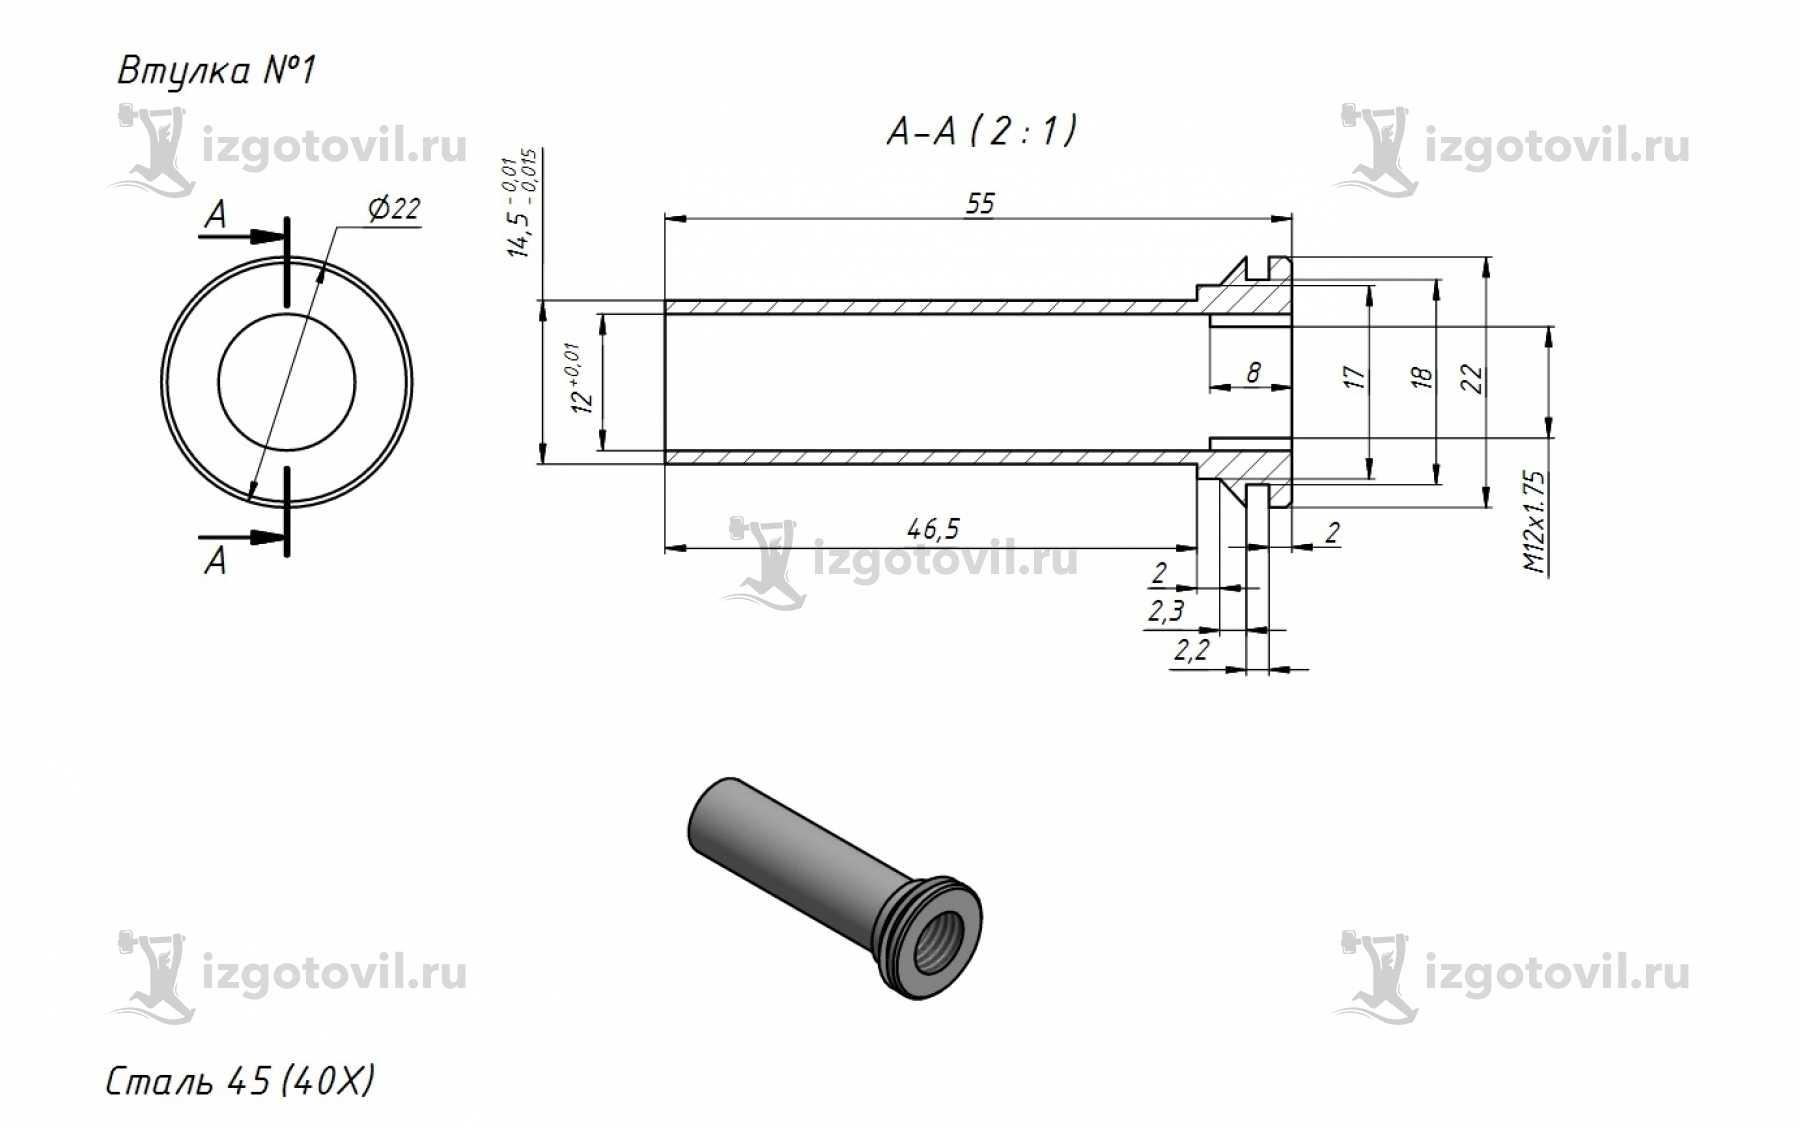 Изготовление деталей по чертежам - изготовление вала, гайки, втулки, корпус